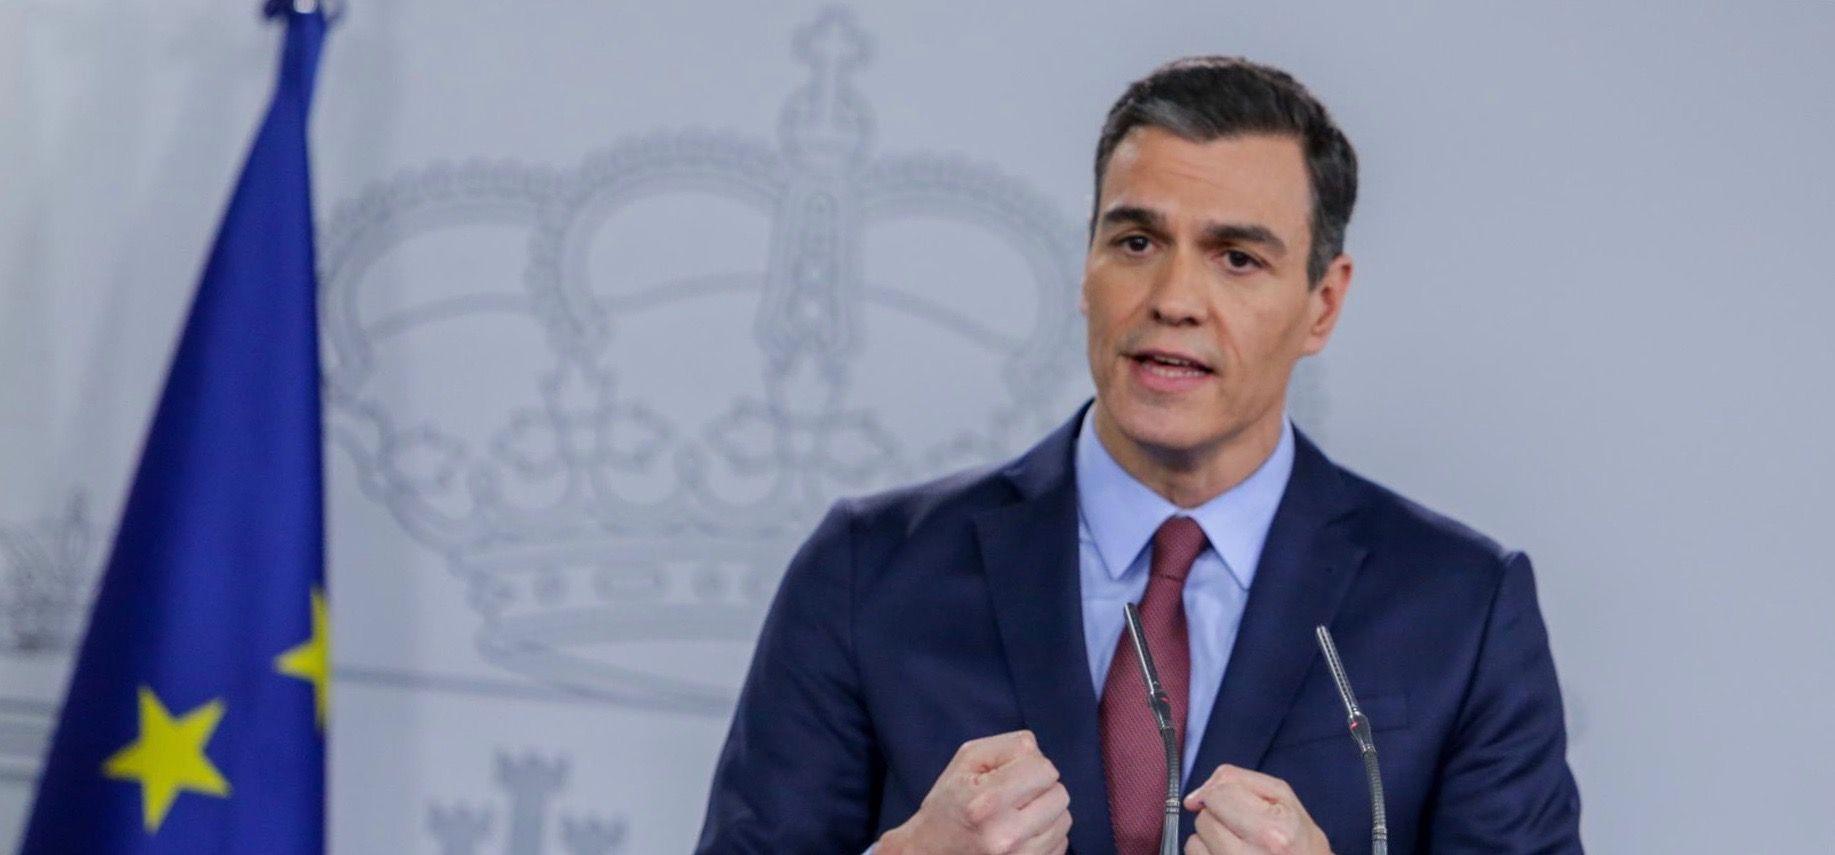 Un total de 21,7 millones de personas, un 48% de la población española. Canal Sur, la sexta audiencia más seguida en España durante la comparecencia.